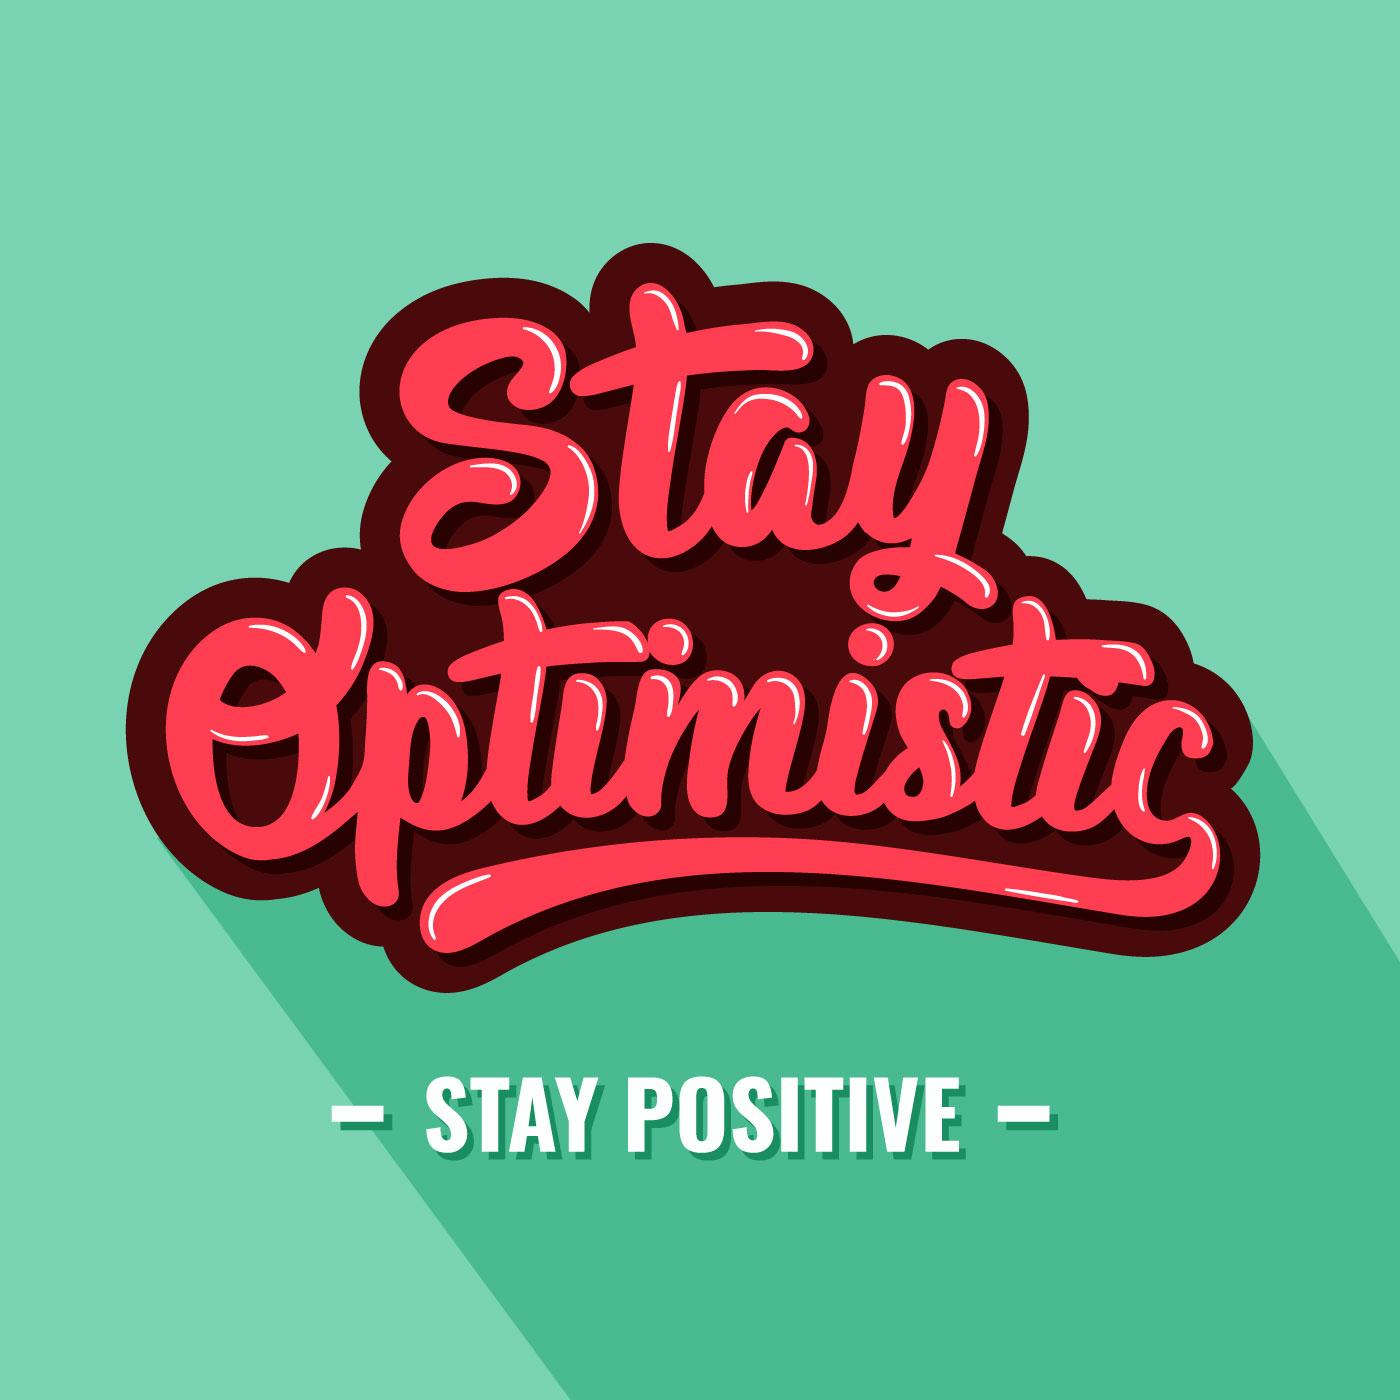 retro stay optimistic typography